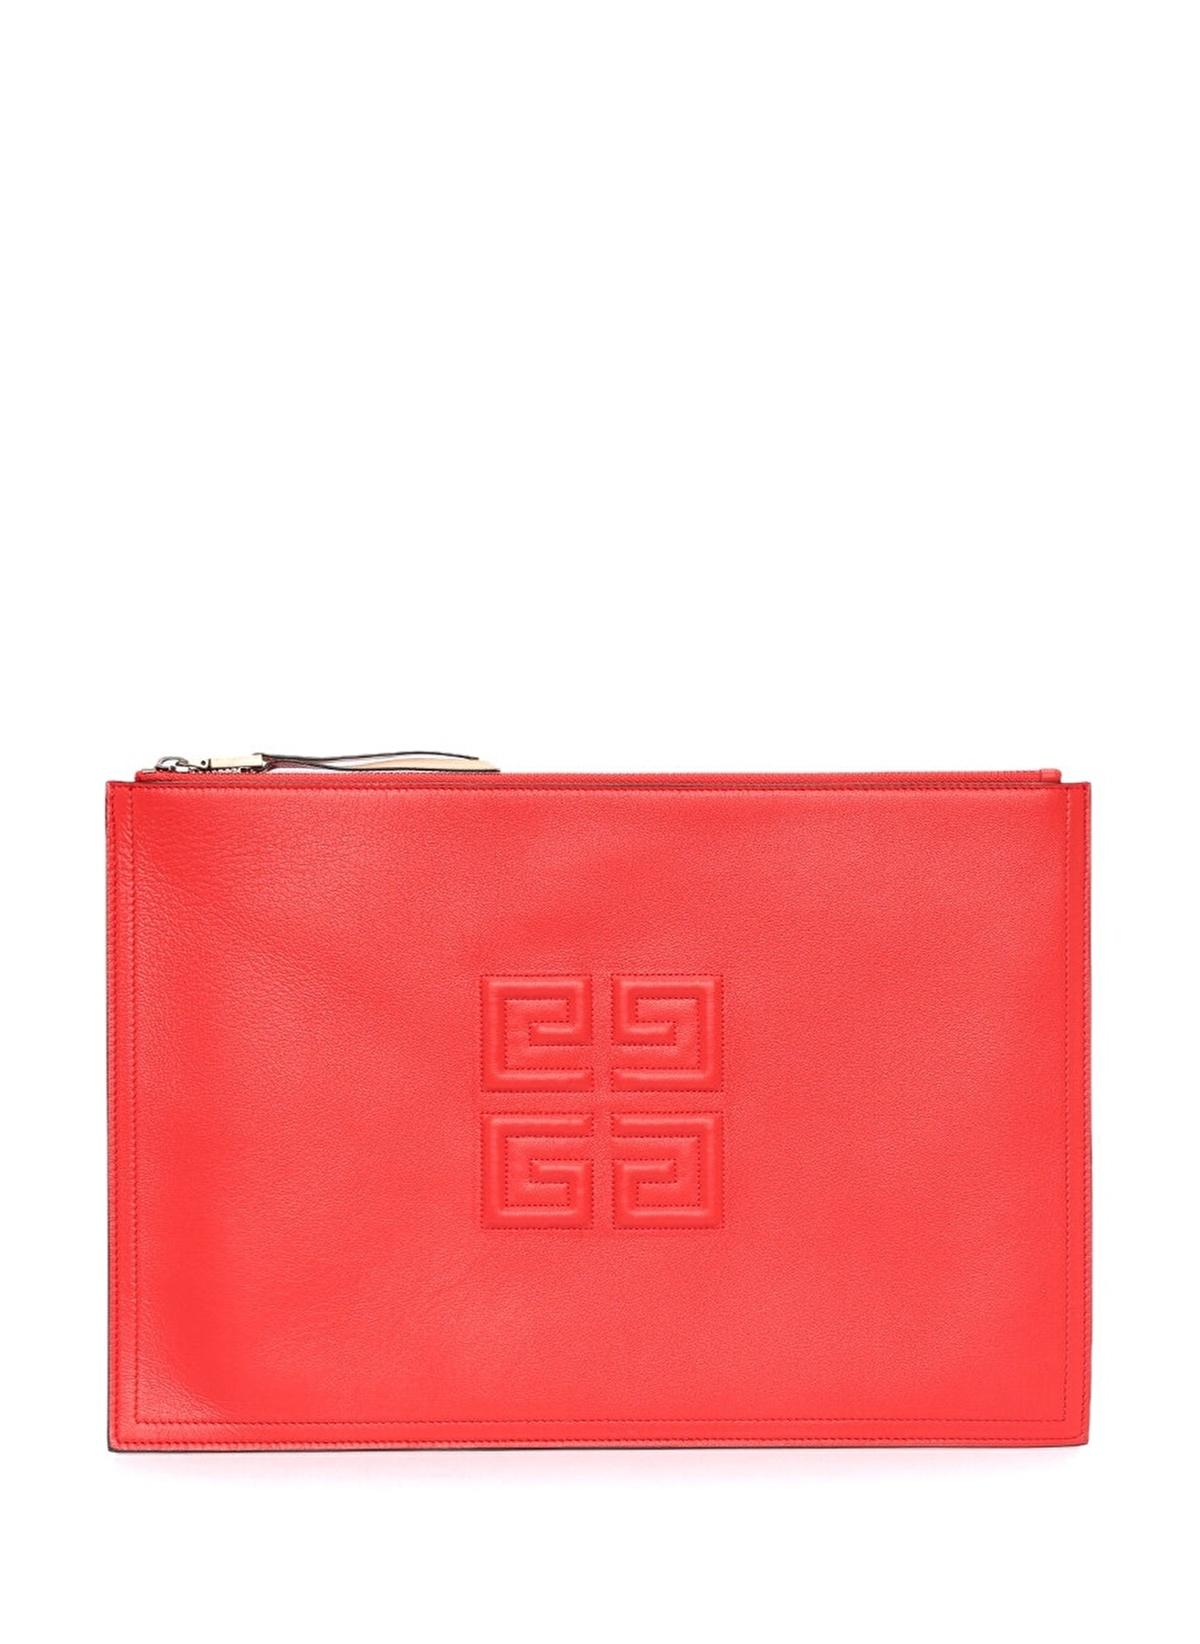 Givenchy Clutch – El Çantası 101292963 K El Portföyü – 2549.0 TL